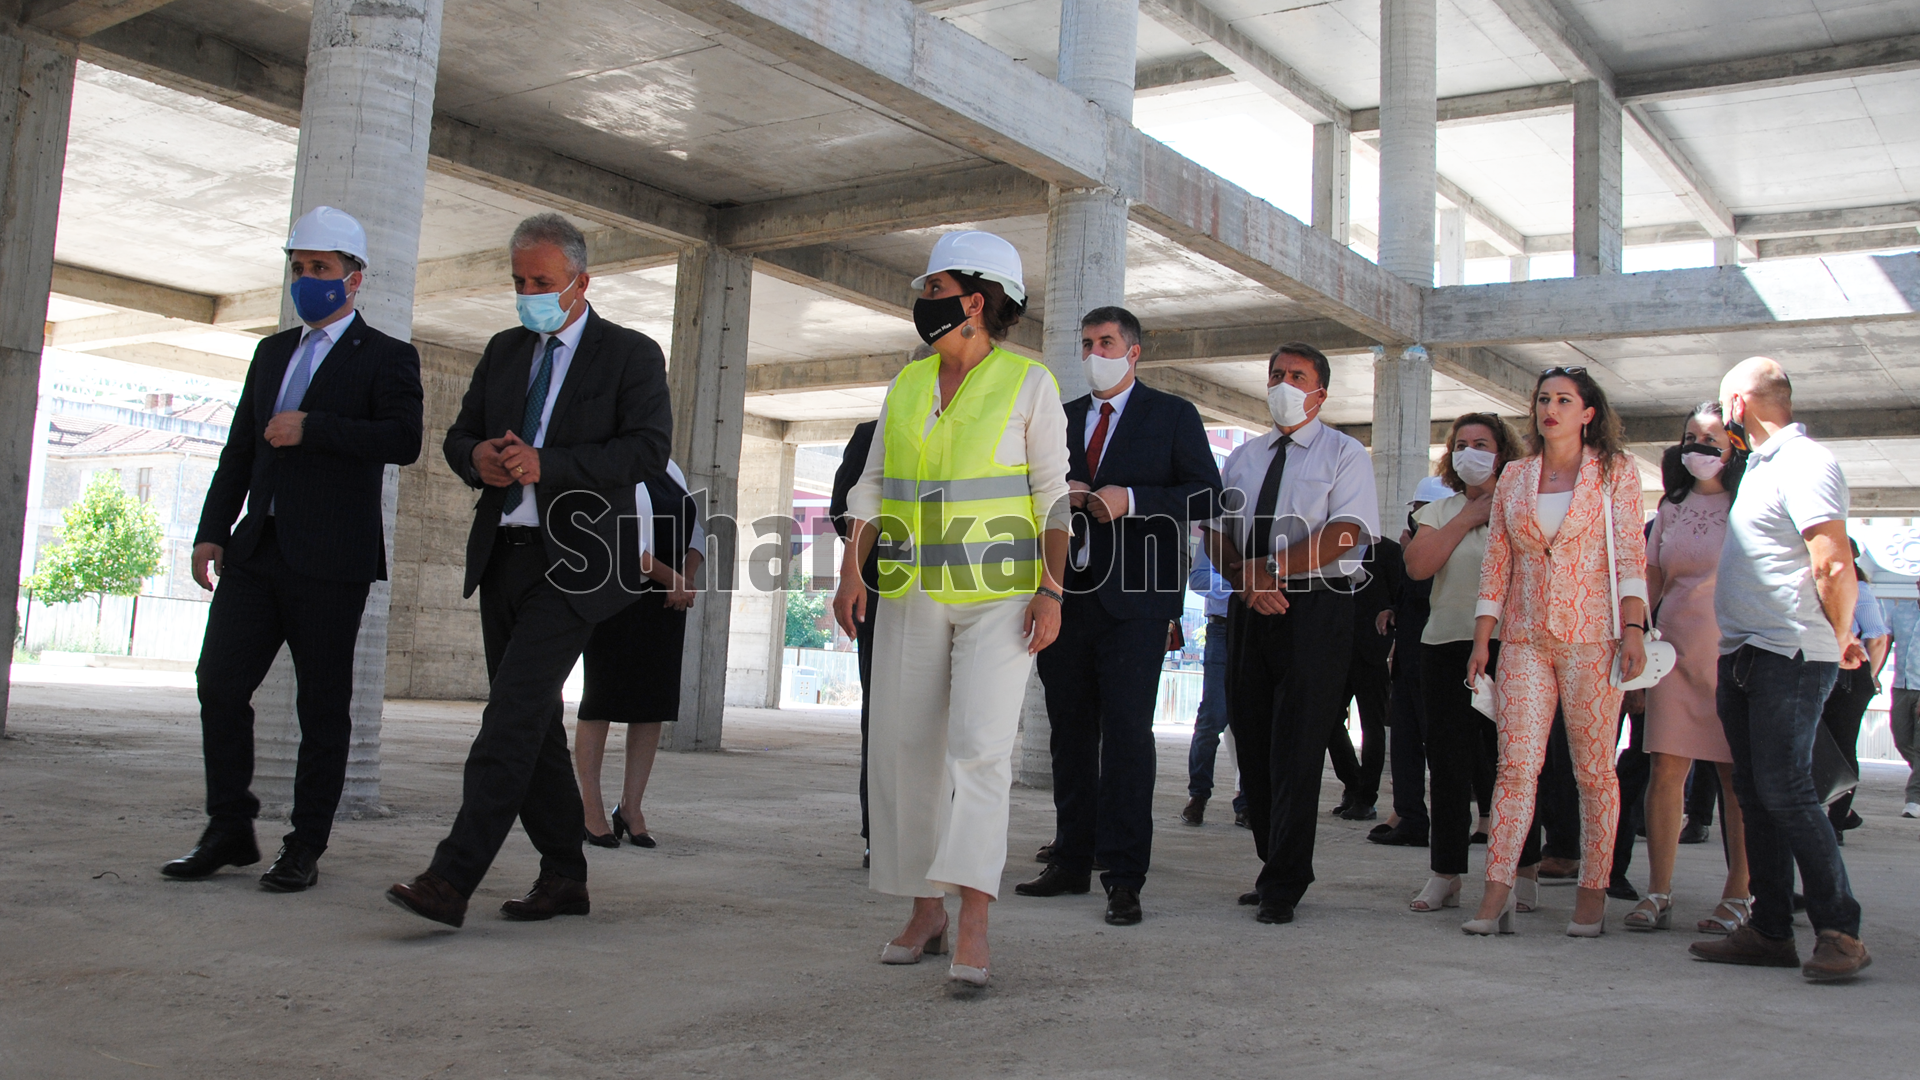 MKRS-ja investime milionëshe në Suharekë